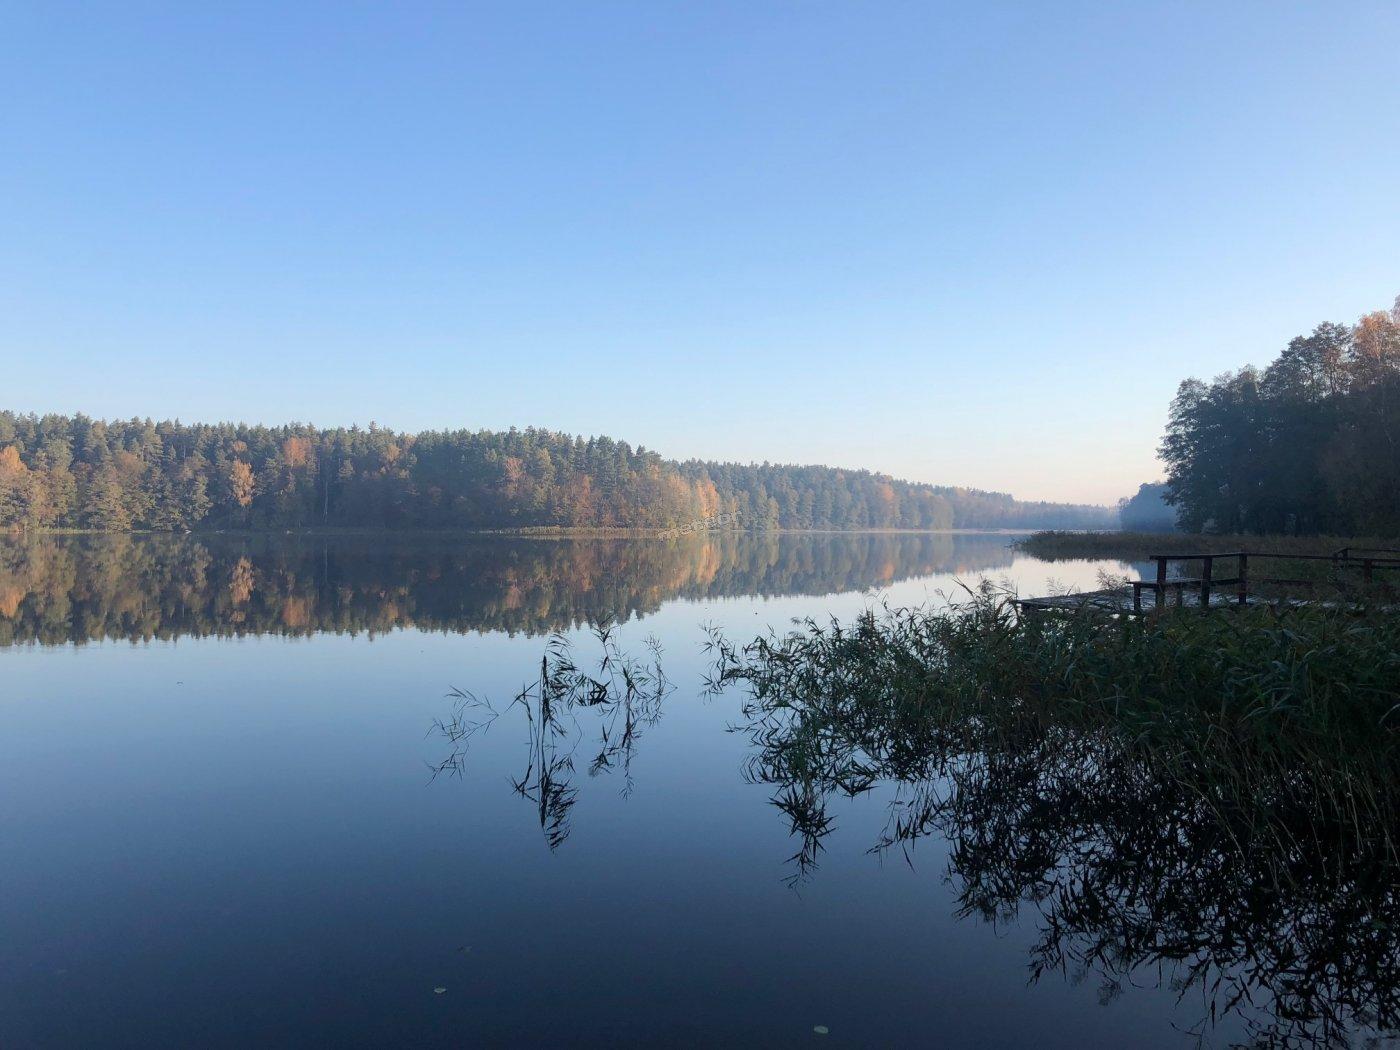 Jezioro - Staw Sajenek - wschód słońca w letni, słoneczny dzień